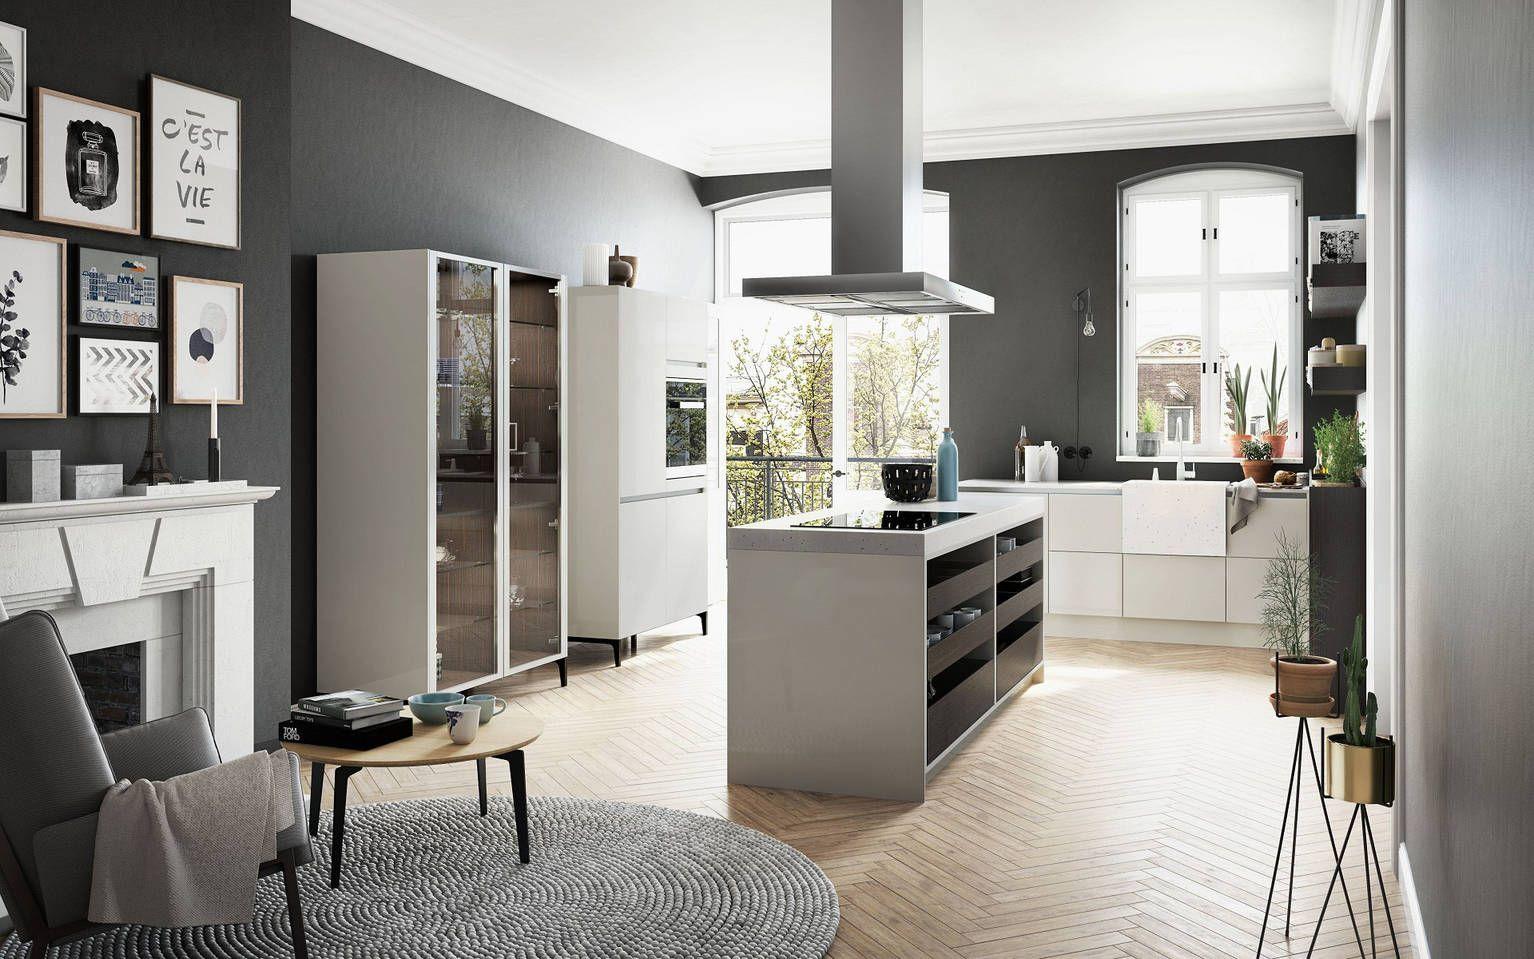 Zicht Op De Siematic Urban S2 Se Open Keuken In Sterlinggrijs Met